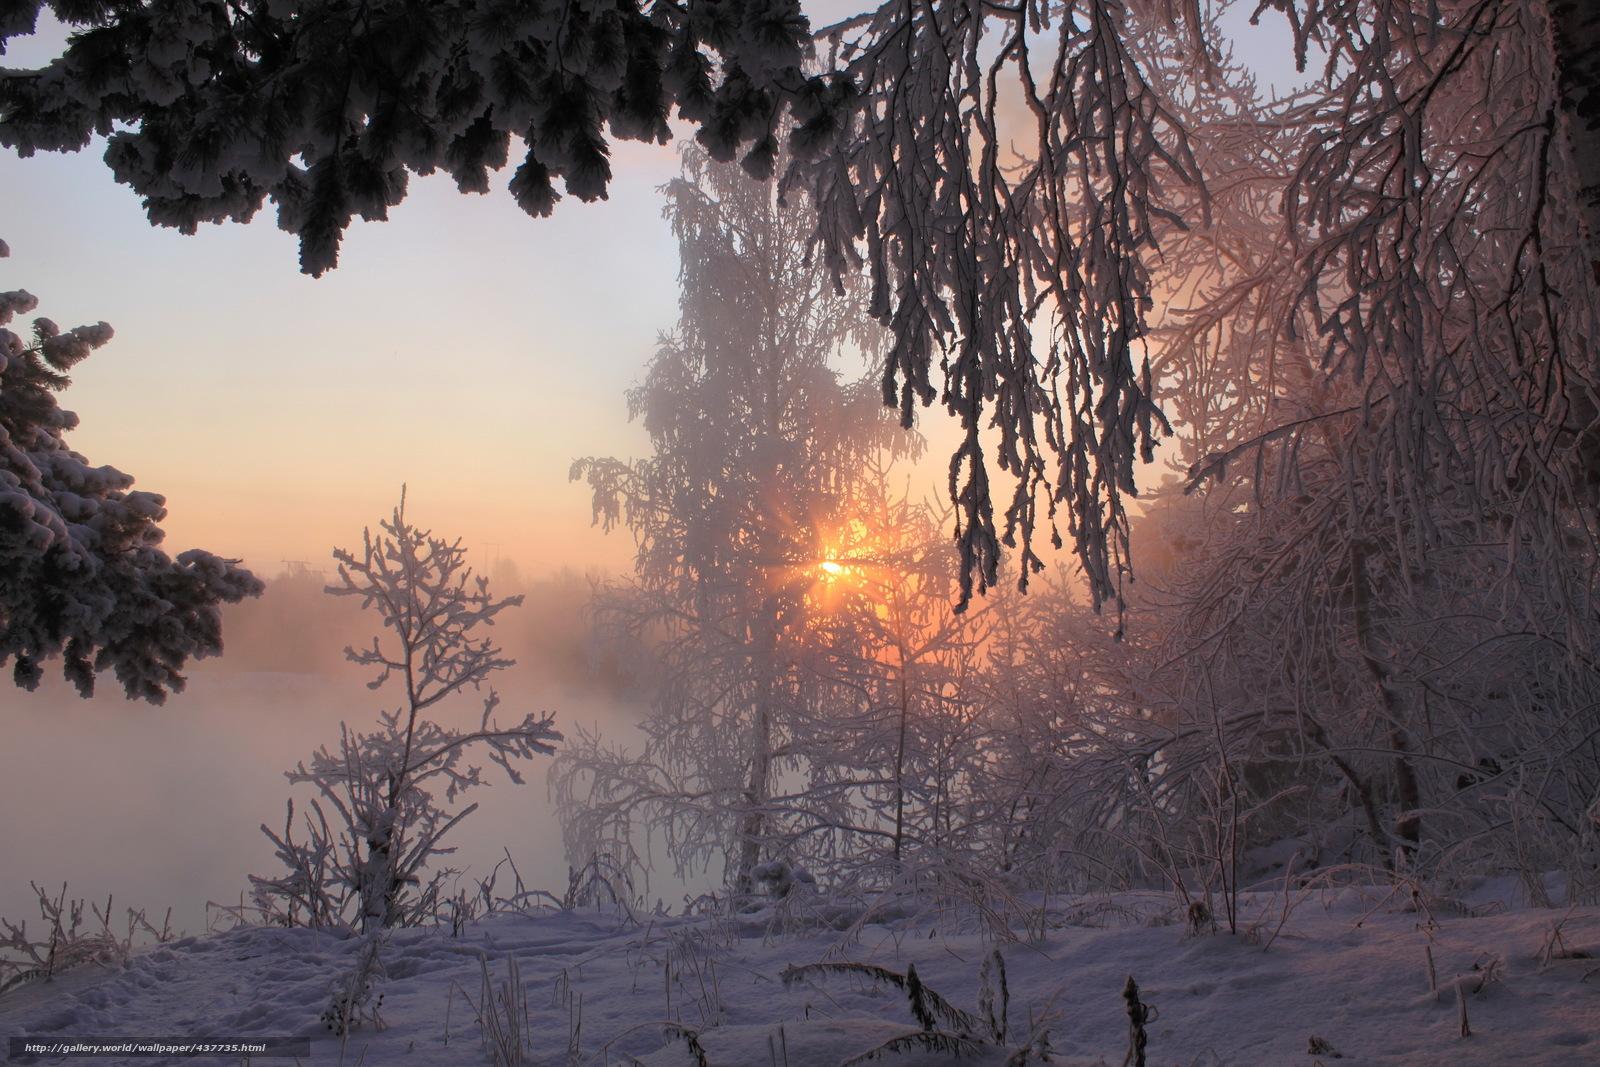 下载壁纸 冬季,  雪,  树,  景观 免费为您的桌面分辨率的壁纸 3345x2230 — 图片 №437735